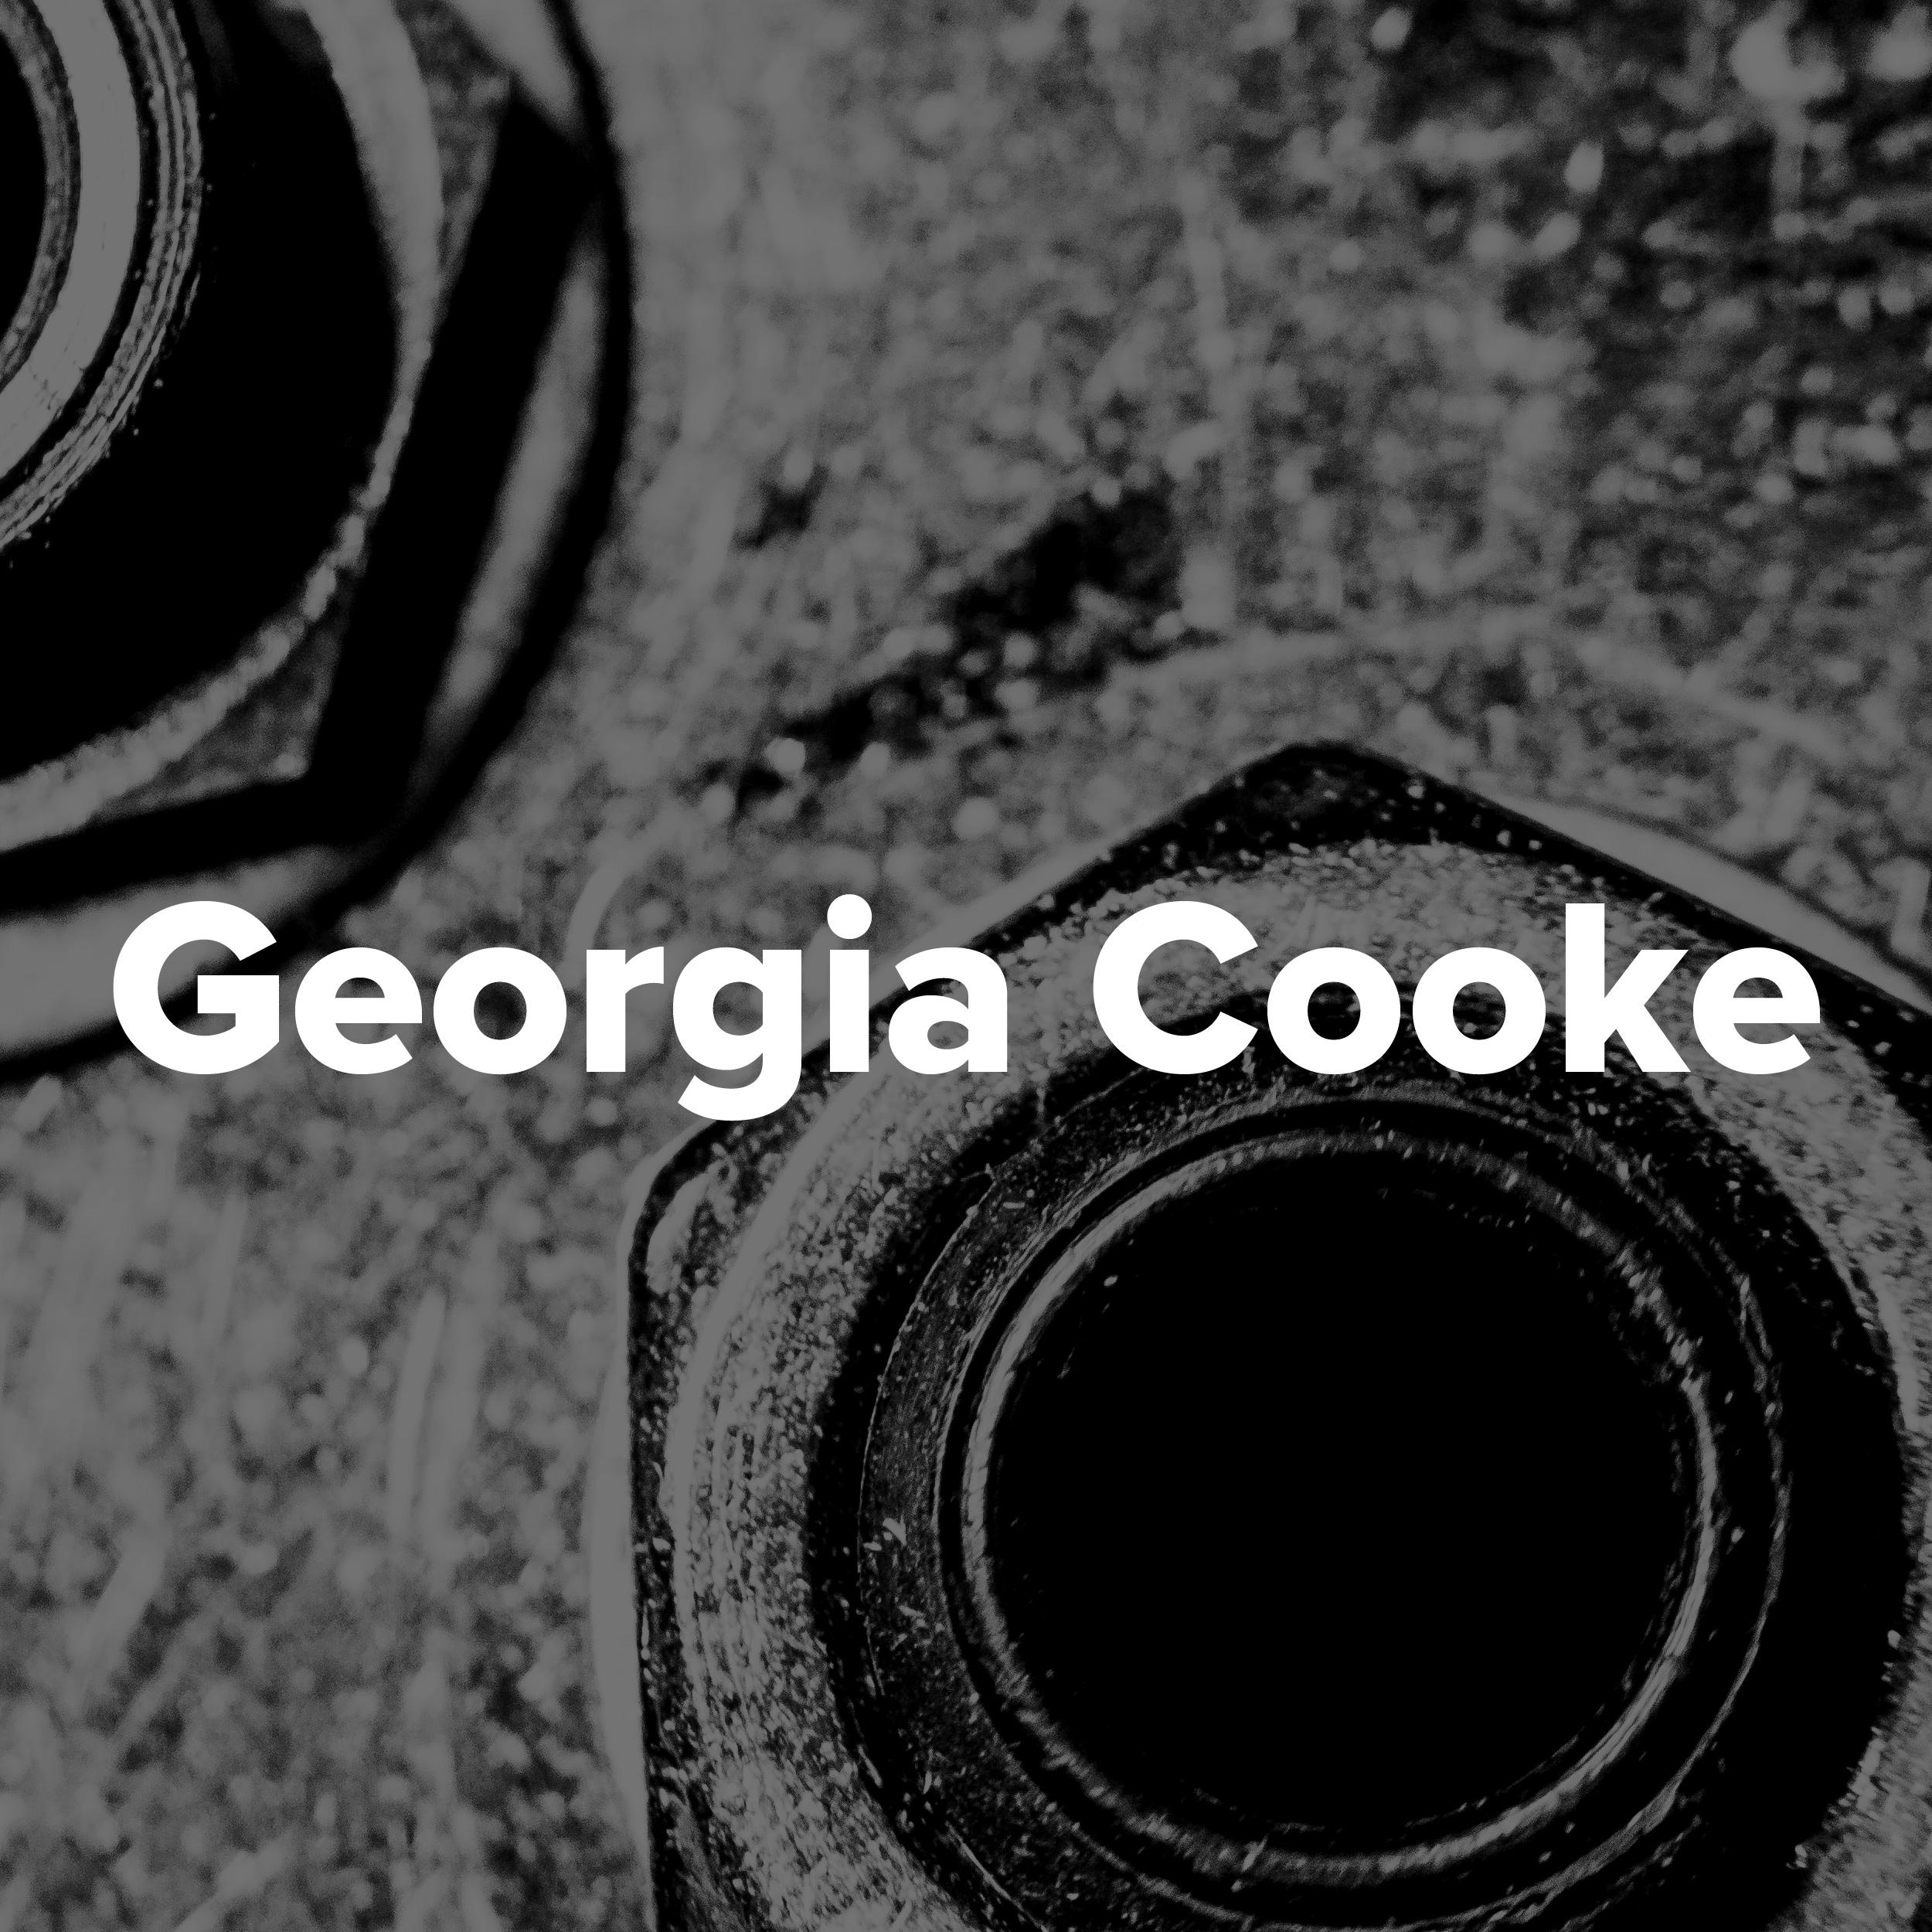 GeorgiaCooke-01.jpg